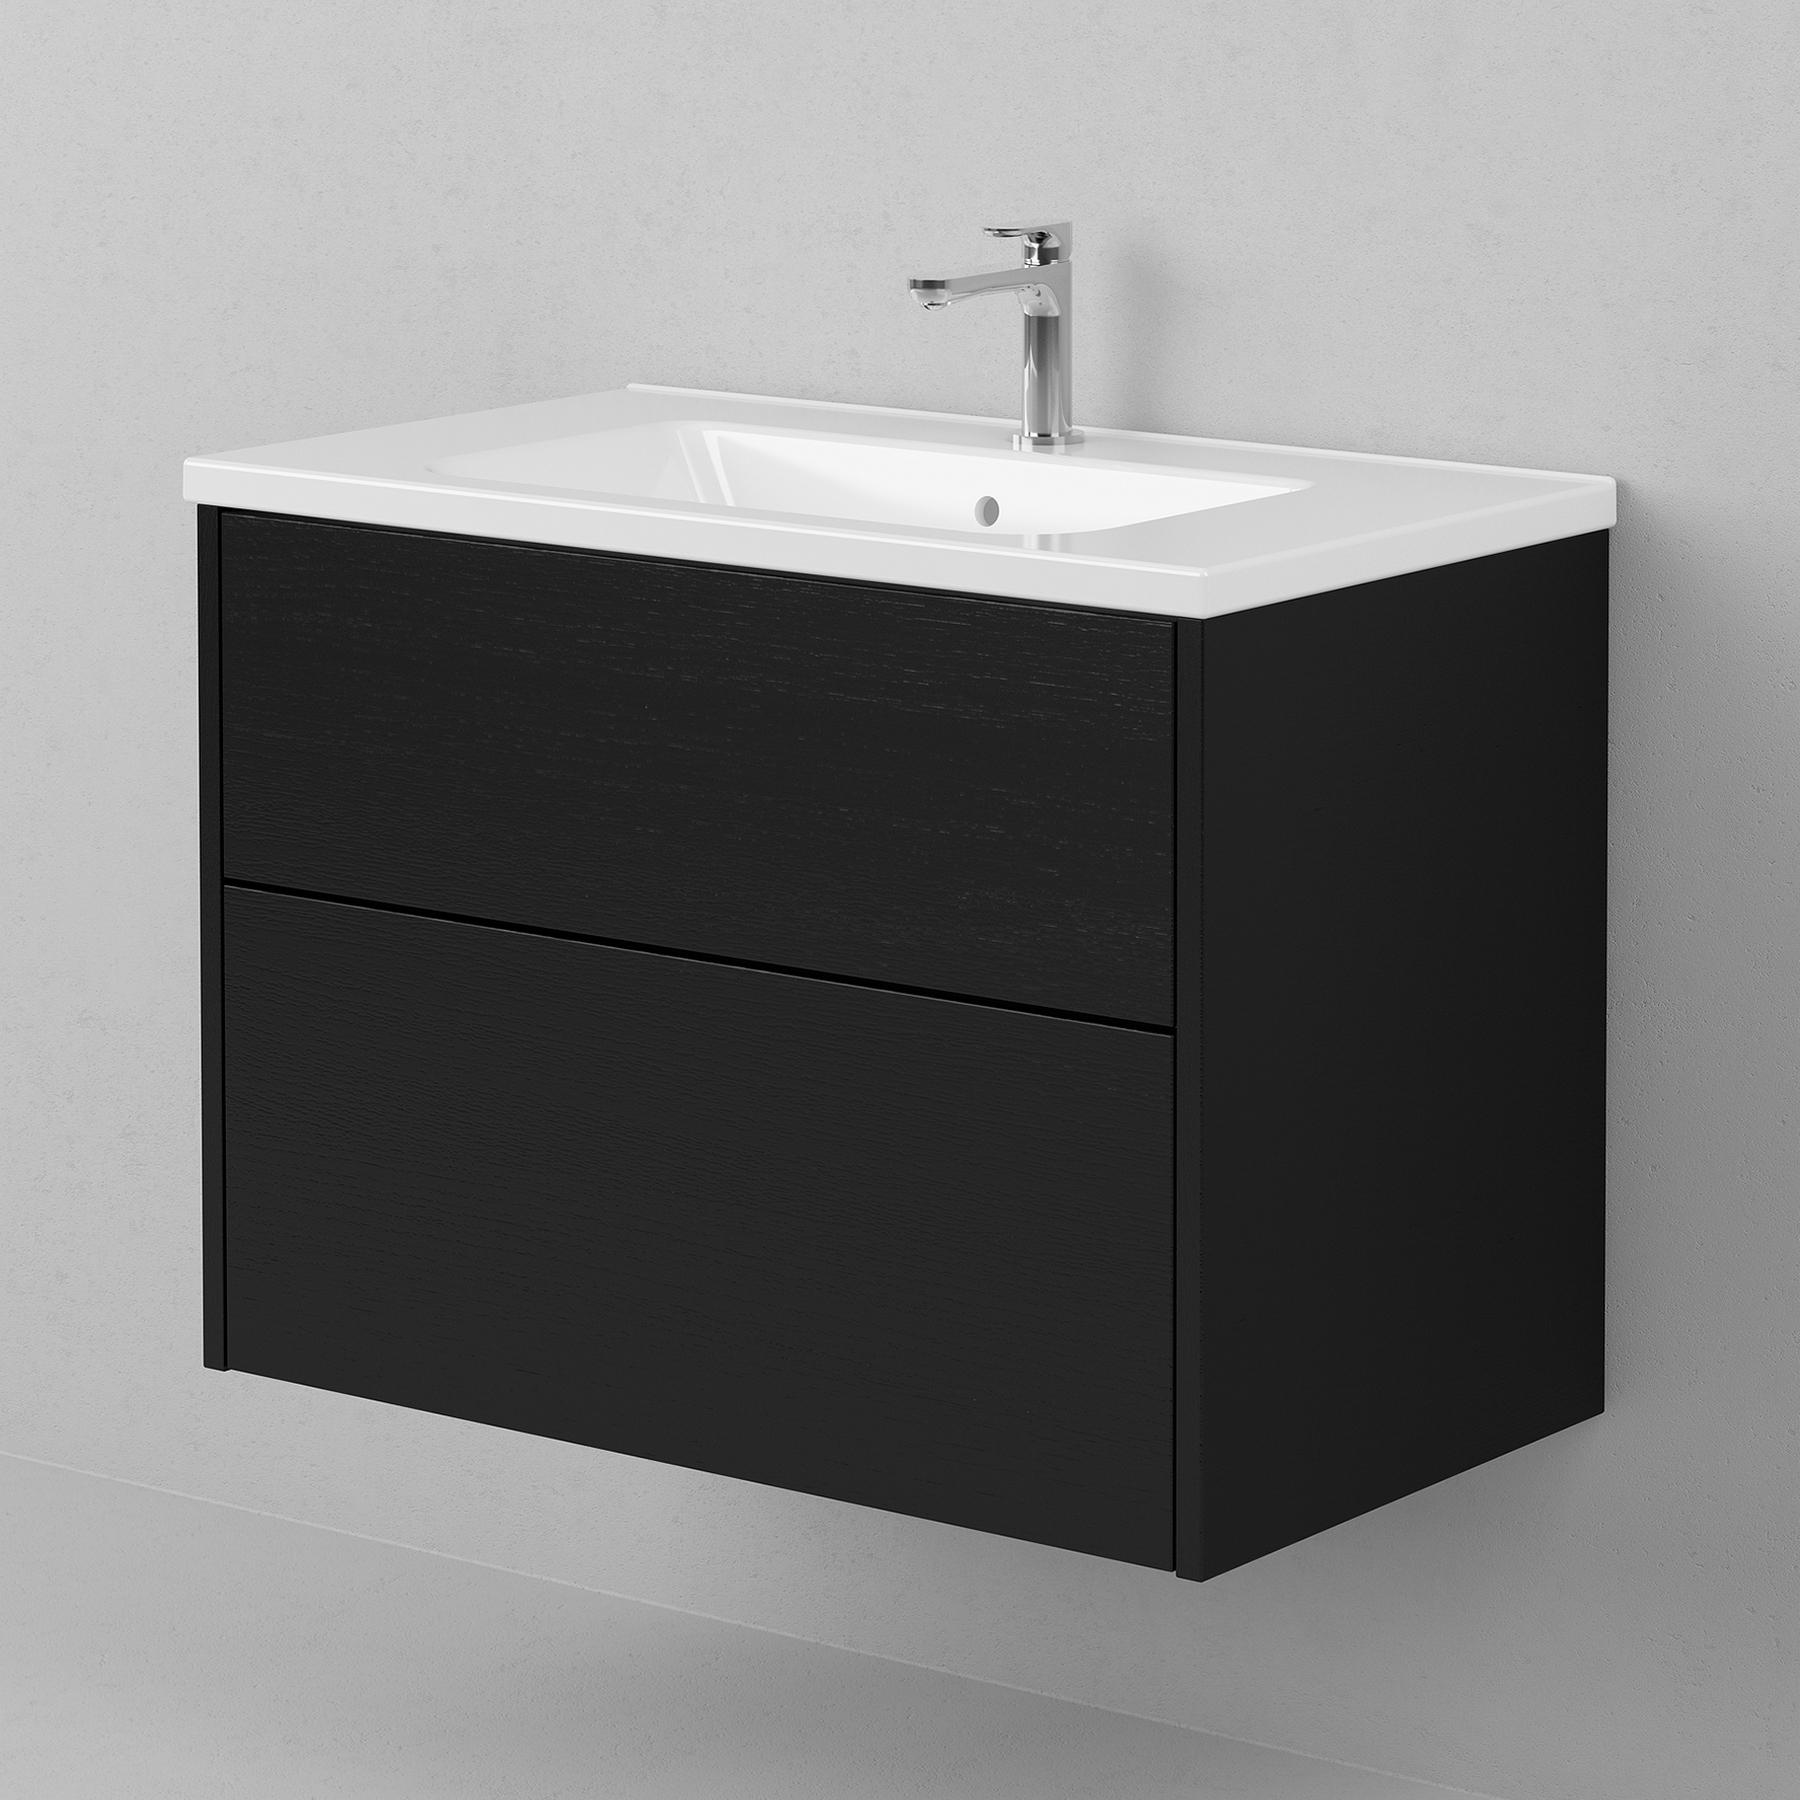 Tvättställsskåp INR Grand Solid